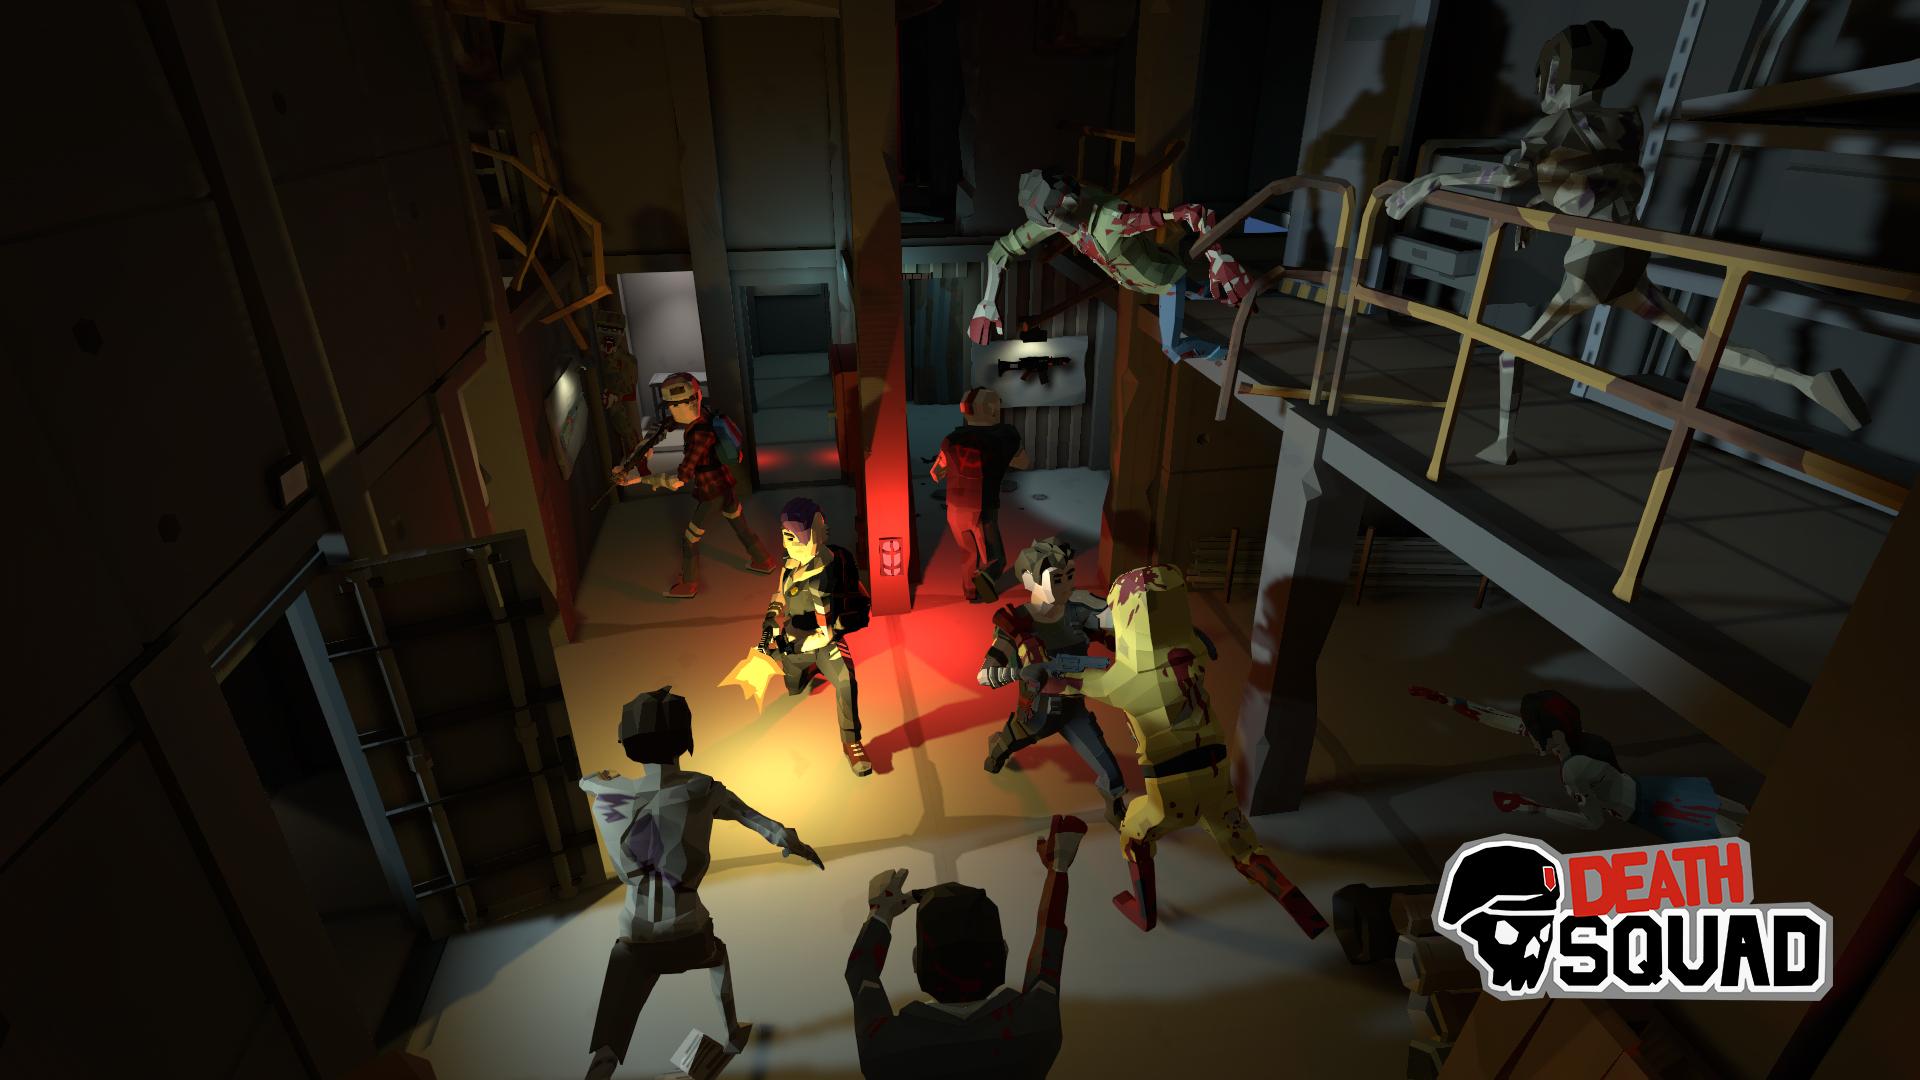 Death Squad, jeu coopératif de tir zombie en VR, réalité virtuelle